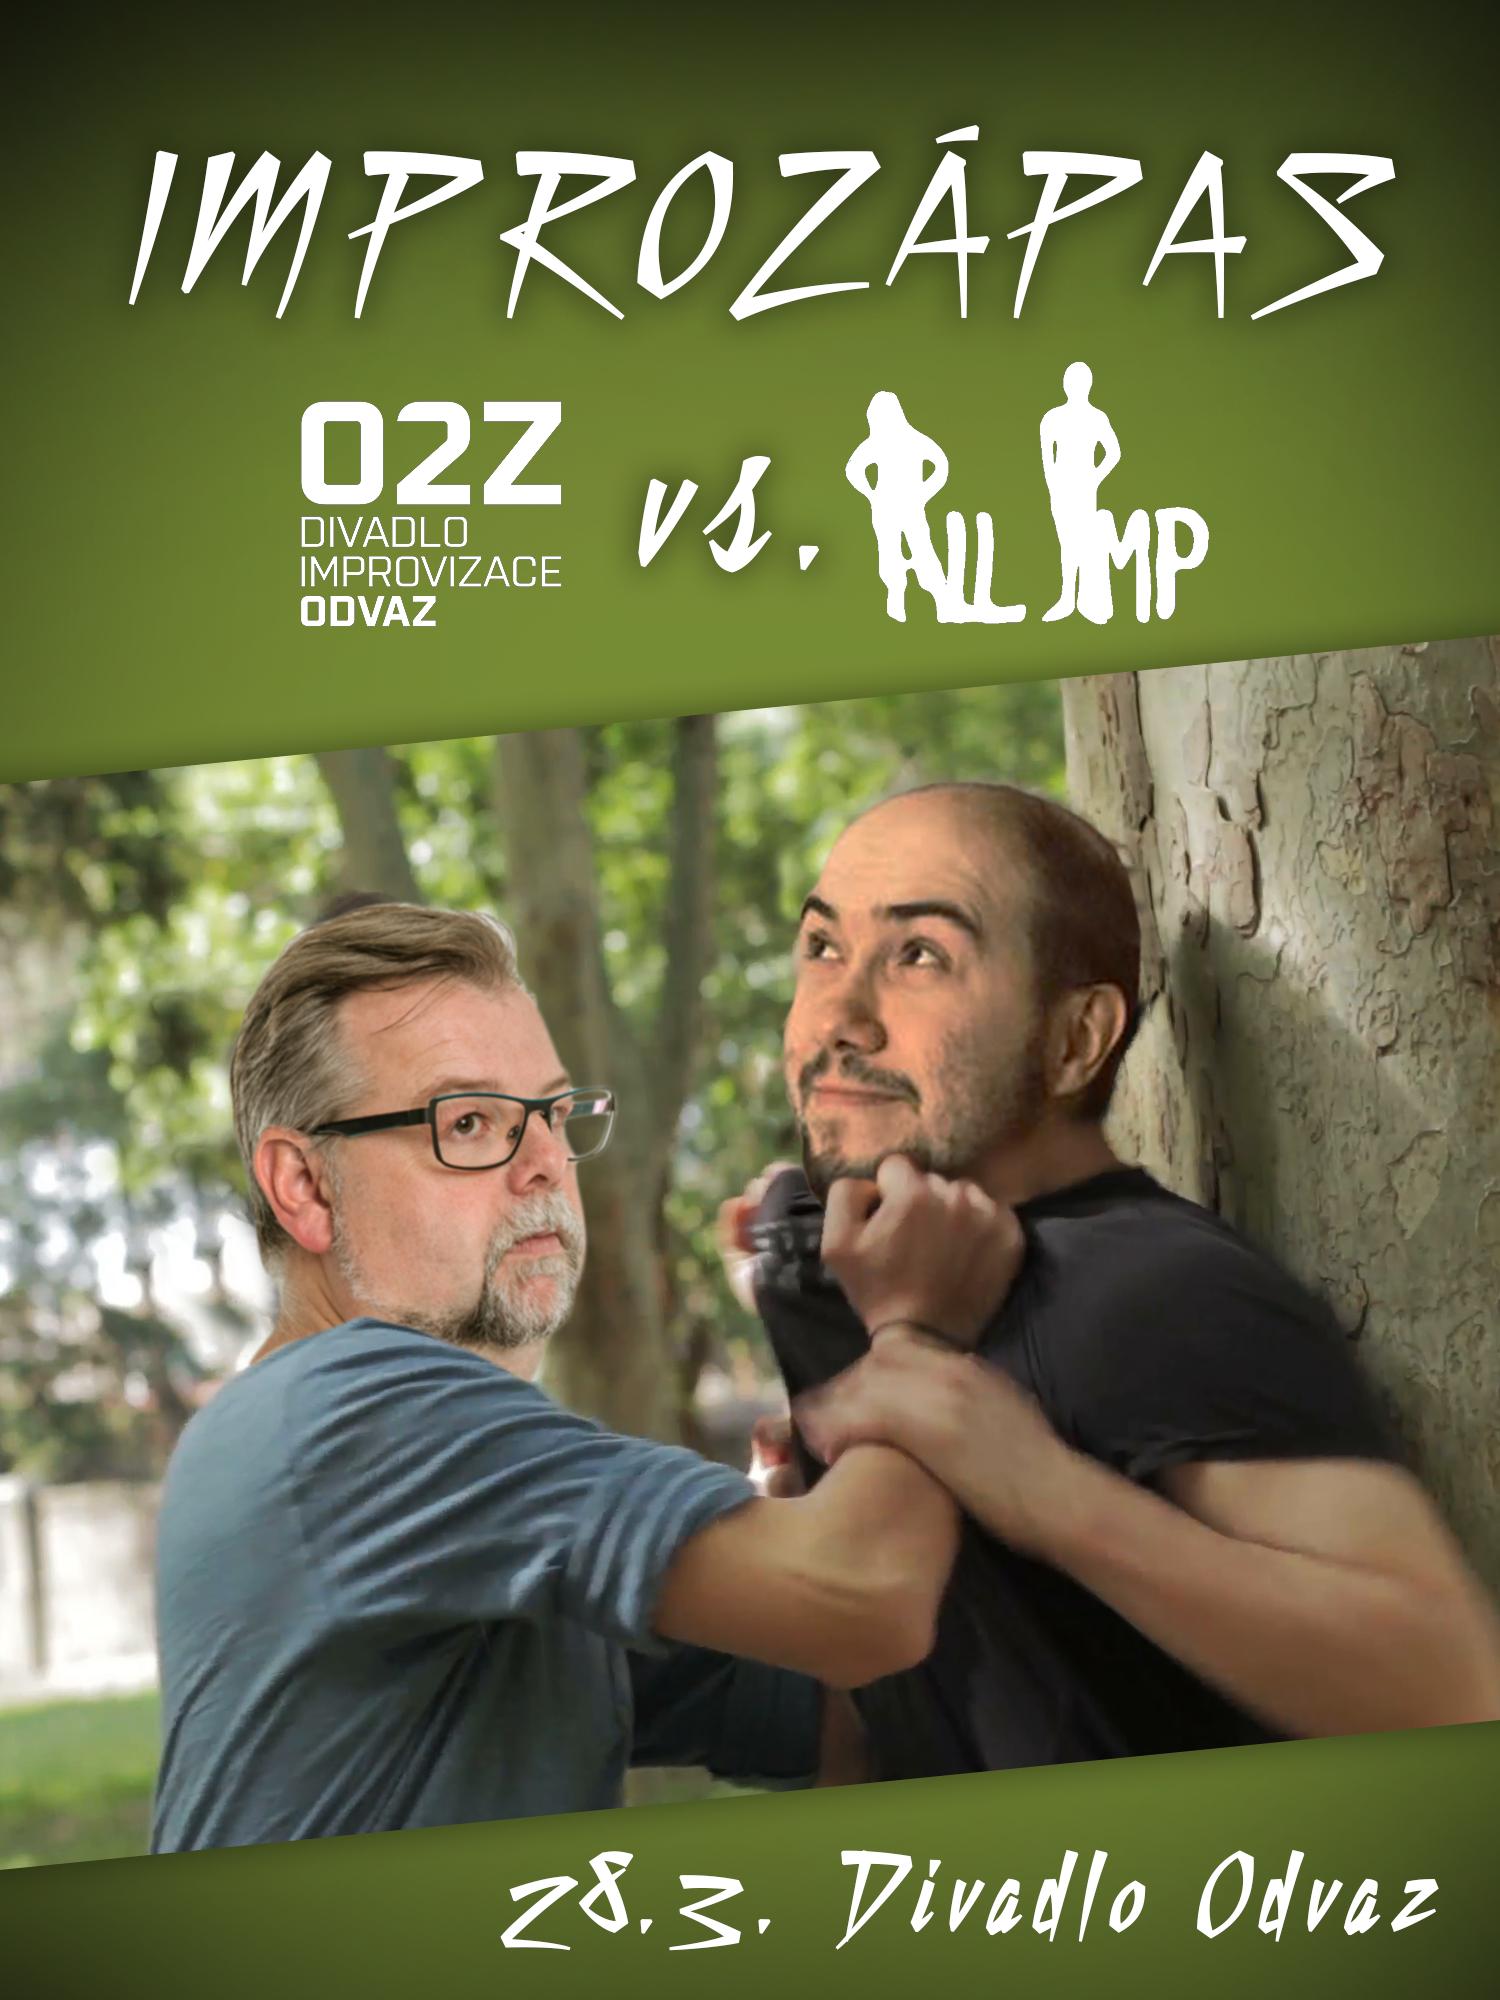 Improvizační zápas: Odvaz vs. All Imp (VYPRODÁNO)